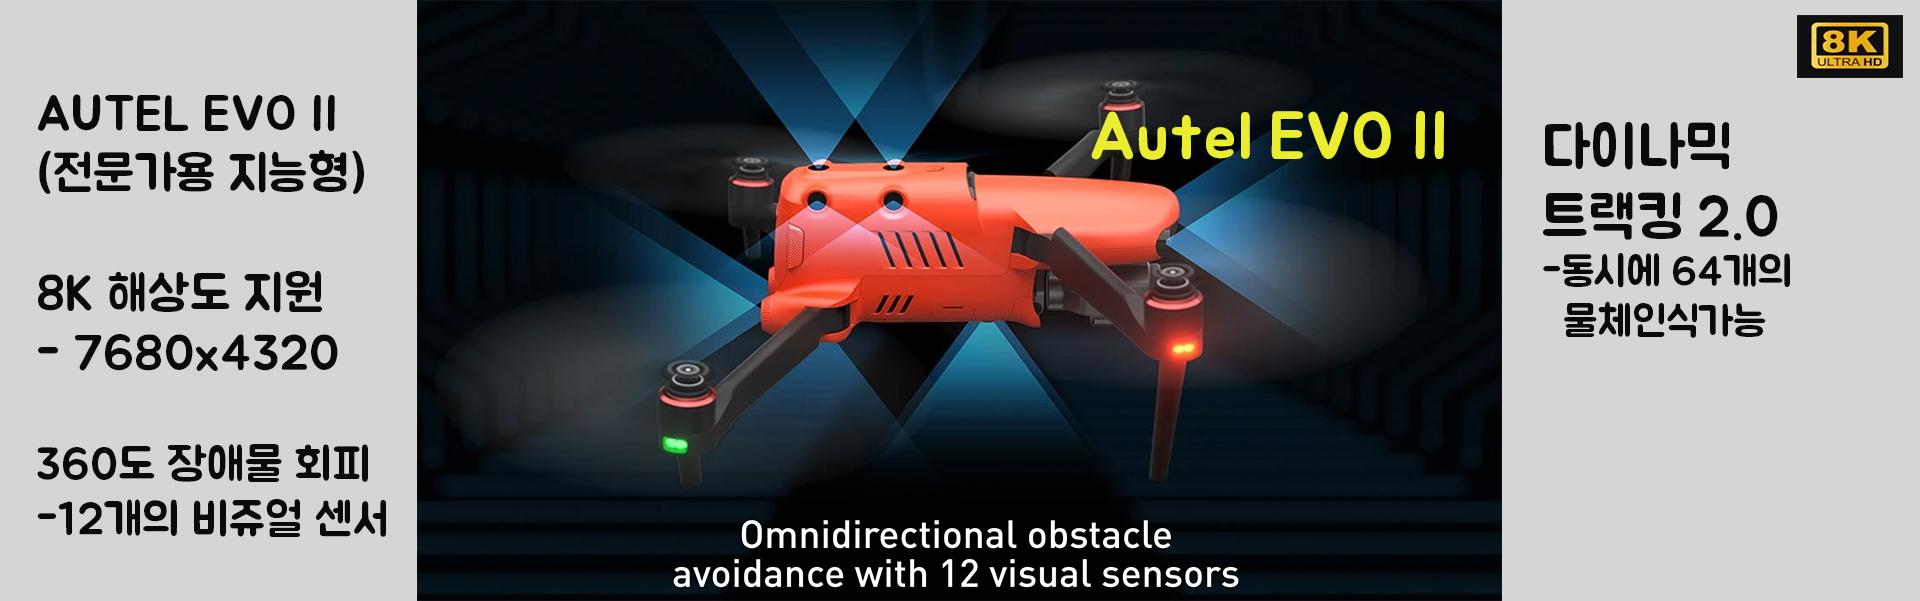 Autel Robotics 드론 공식판매사 덕유항공(주)